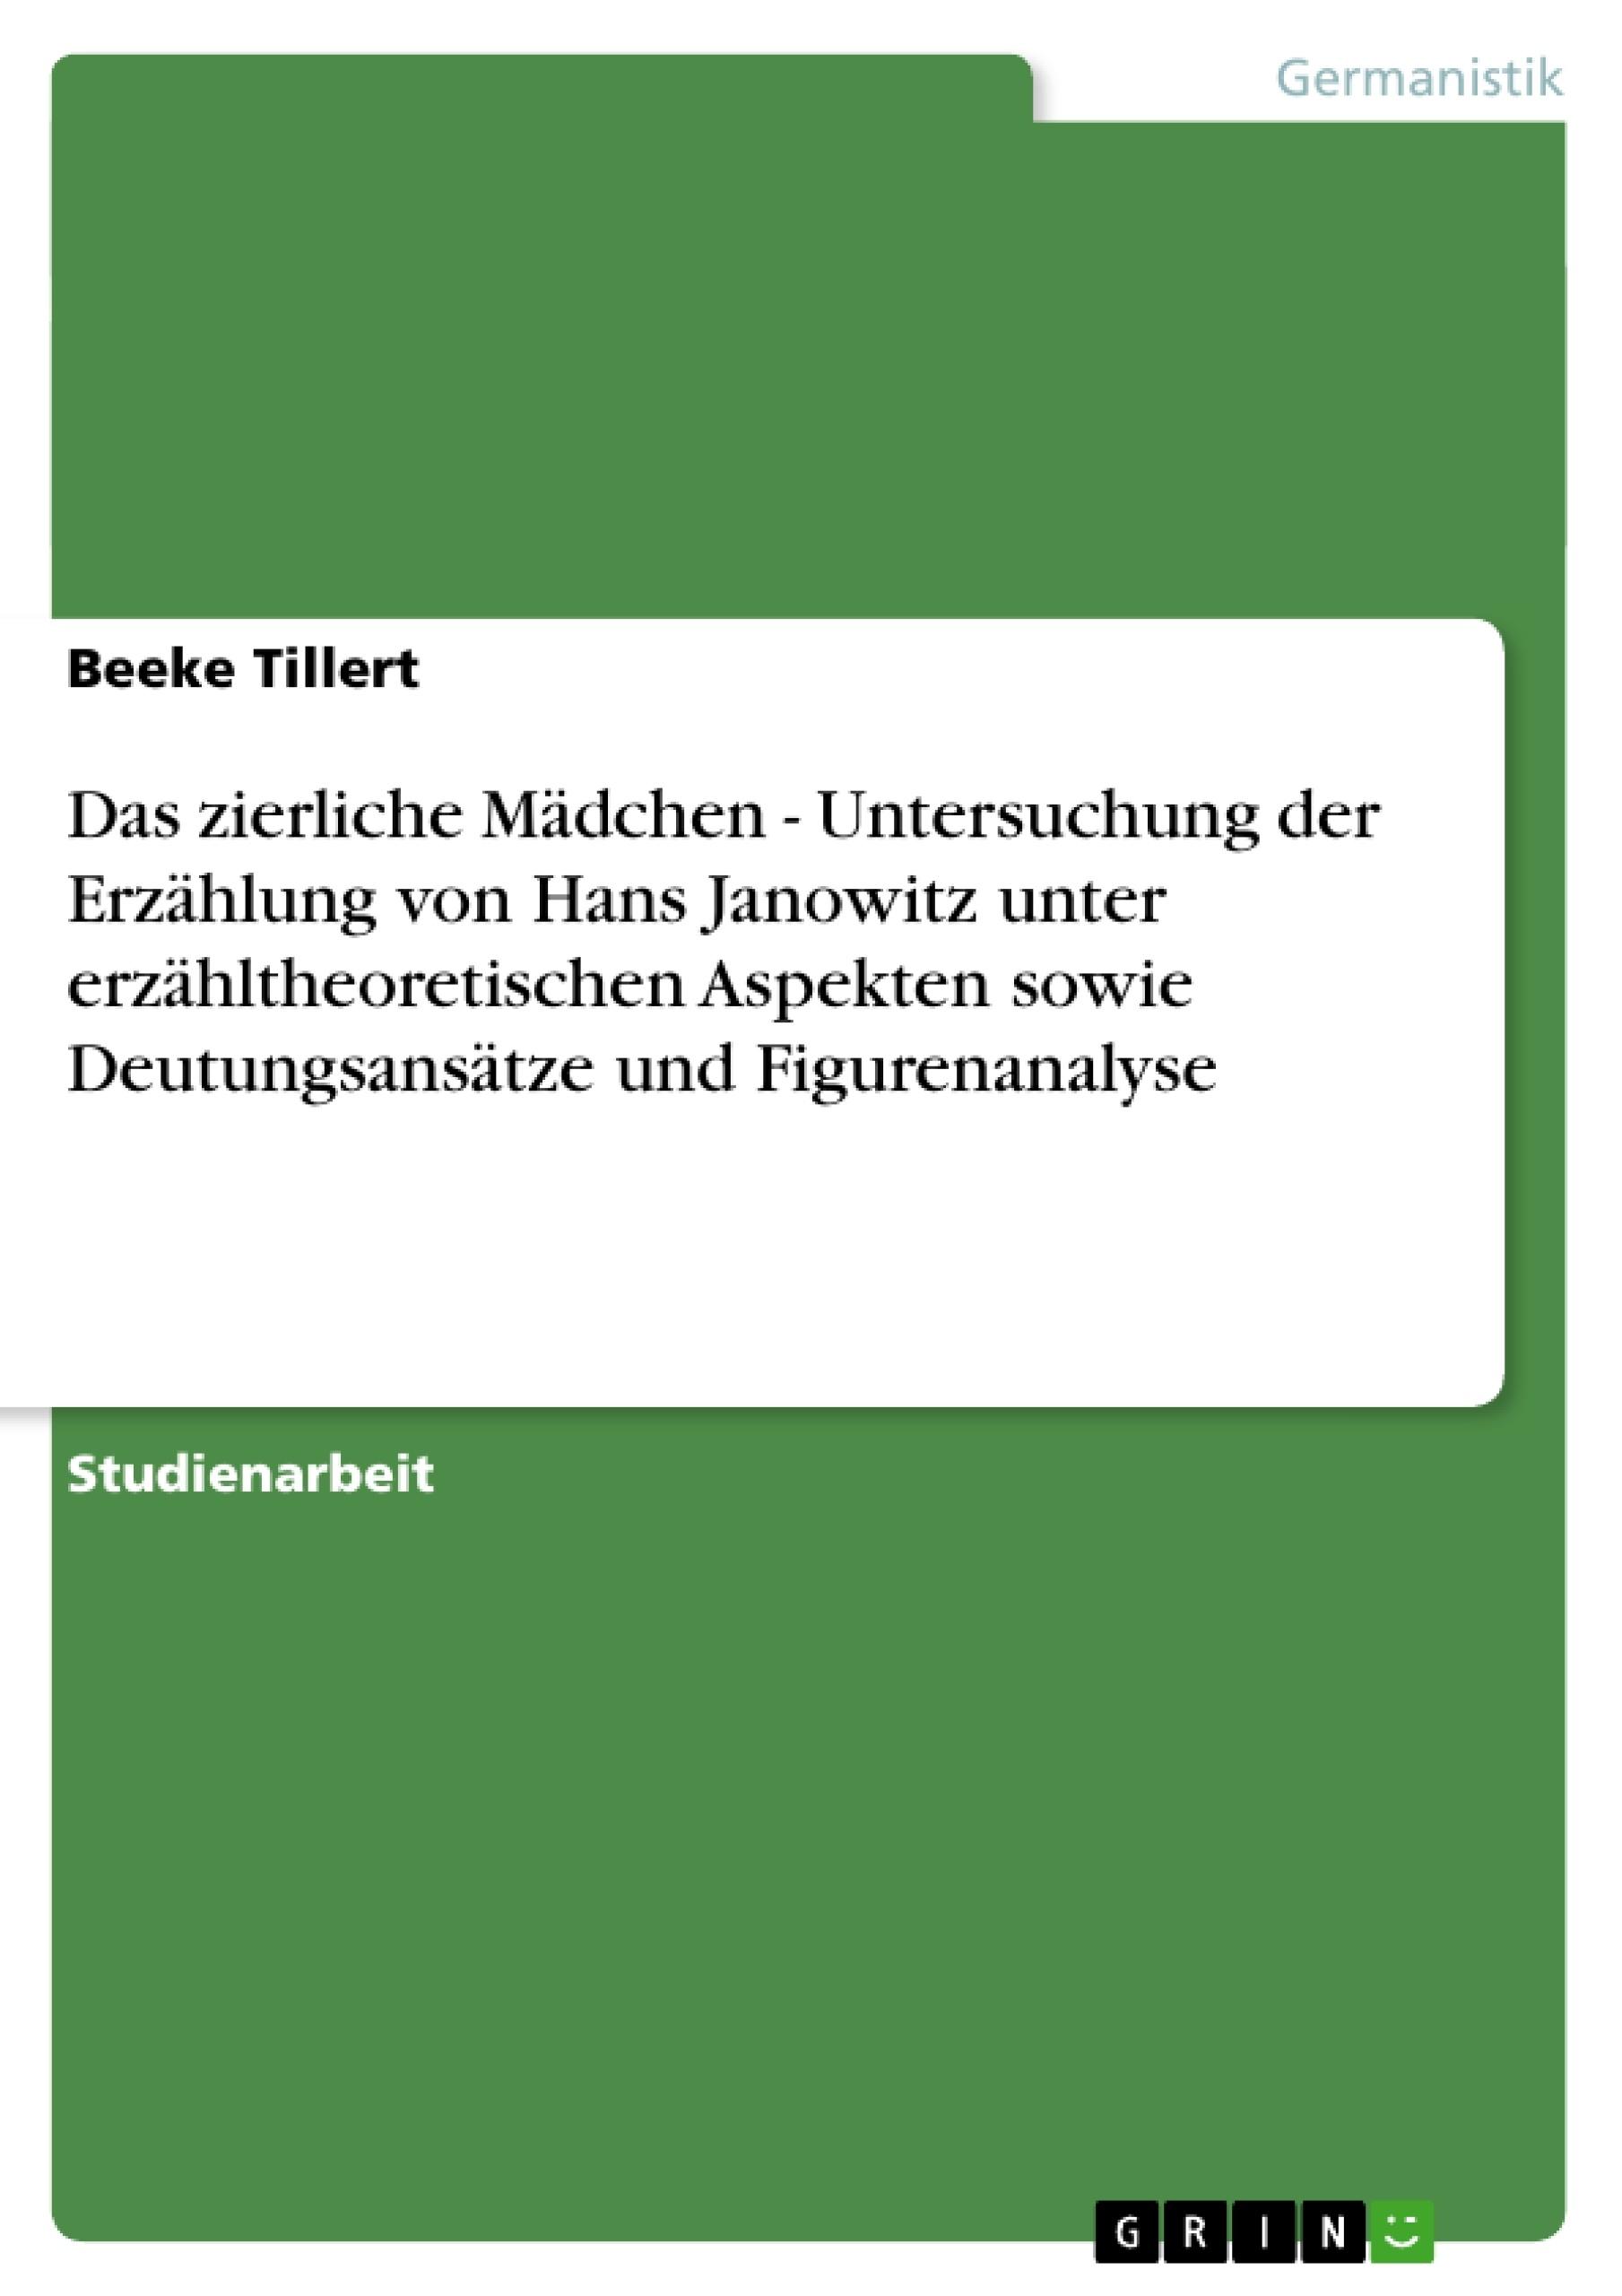 Titel: Das zierliche Mädchen - Untersuchung der Erzählung von Hans Janowitz unter erzähltheoretischen Aspekten sowie Deutungsansätze und Figurenanalyse